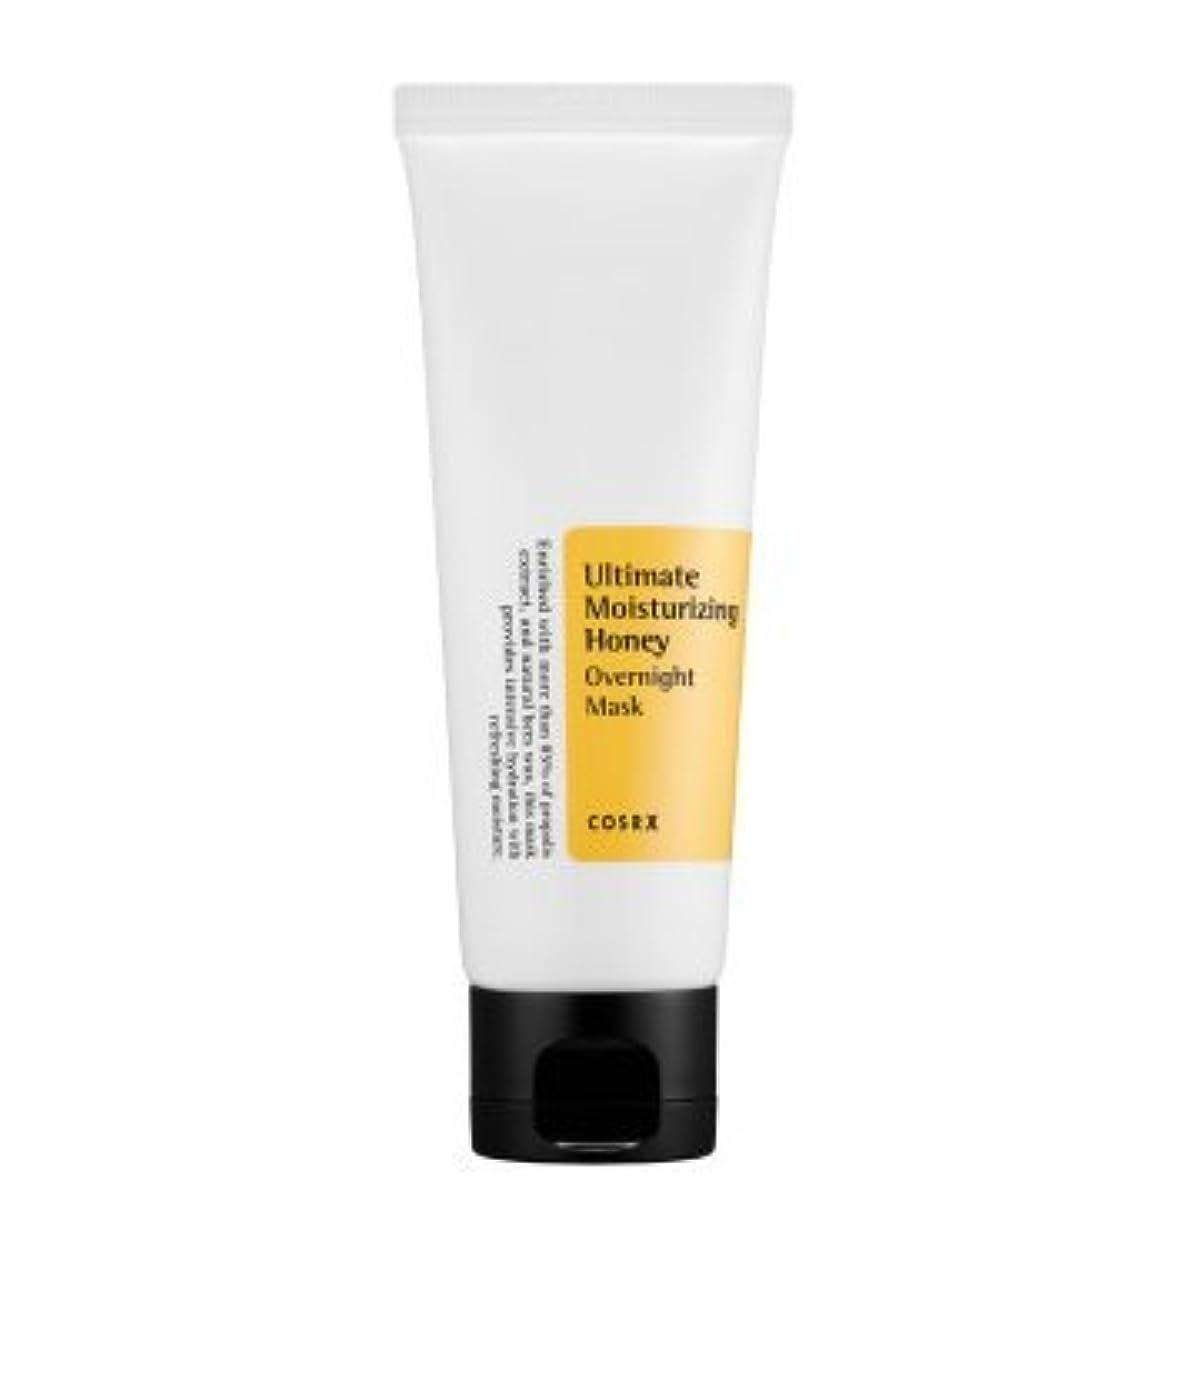 洗練されたの間で策定するCOSRX アルティメット モイスチャライジング ハニー オーバーナイト マスク チューブタイプ(60ml) リニューアル / Ultimate Moisturizing Honey Overnight Mask [並行輸入品]